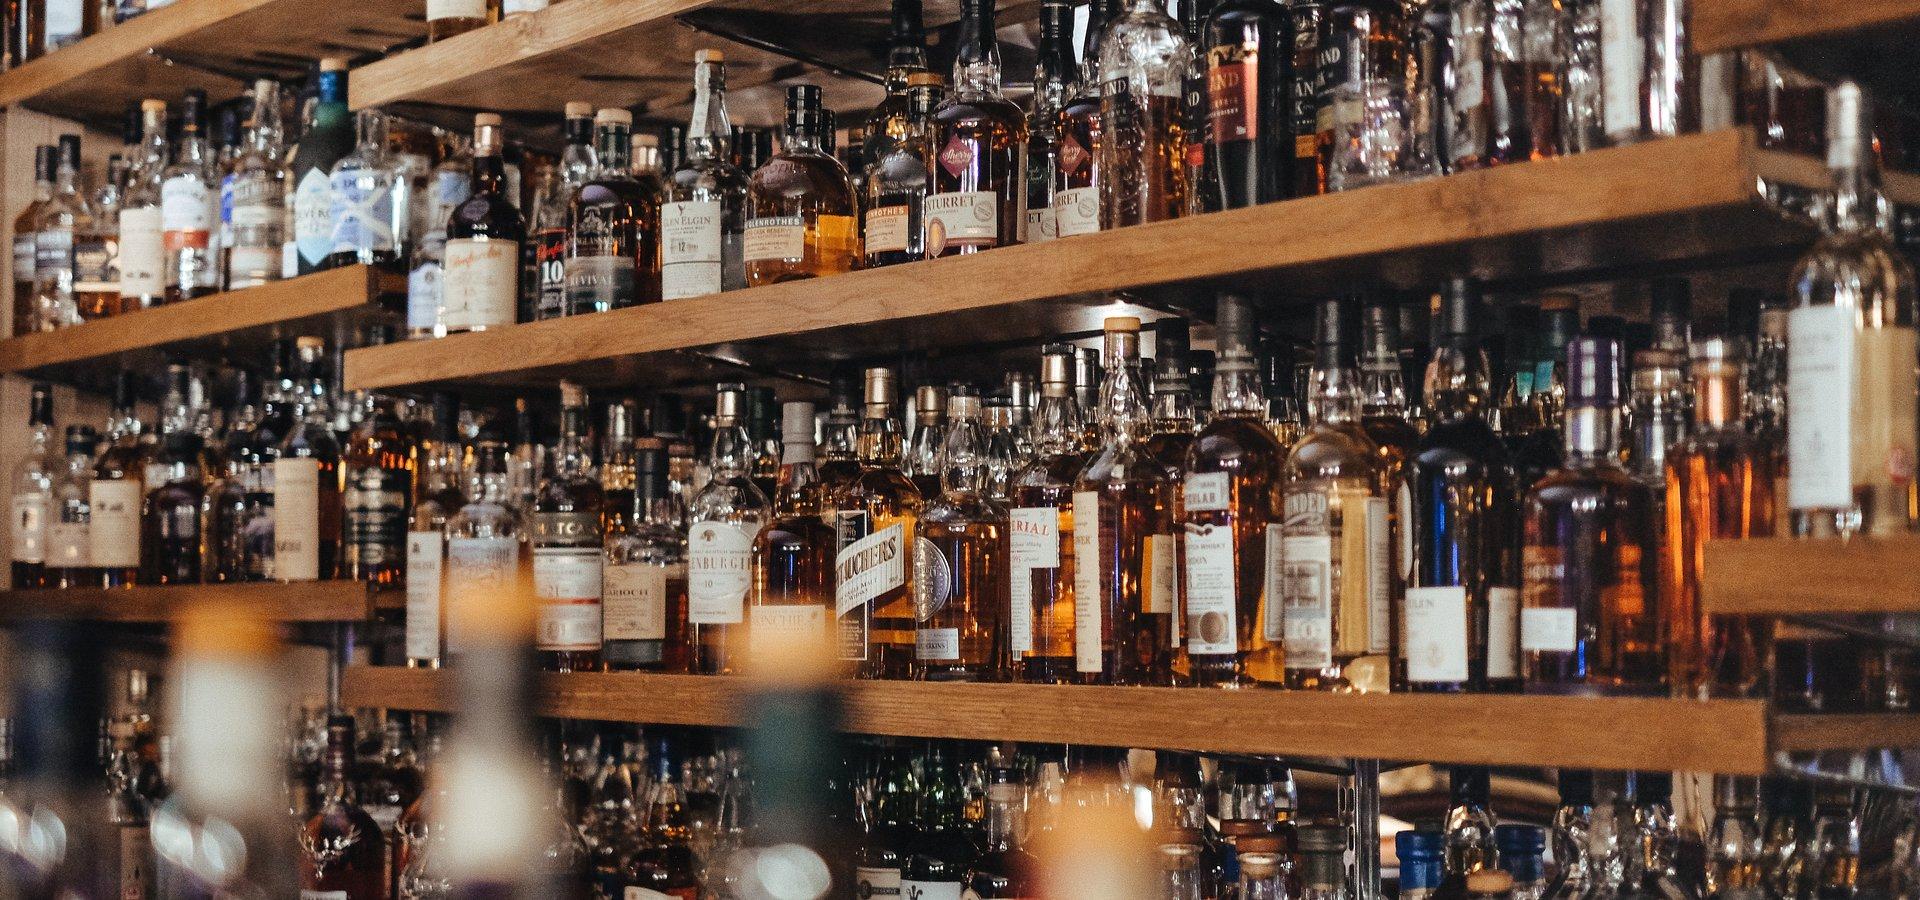 Kolejna edycja Festiwalu Whisky w E.Leclerc